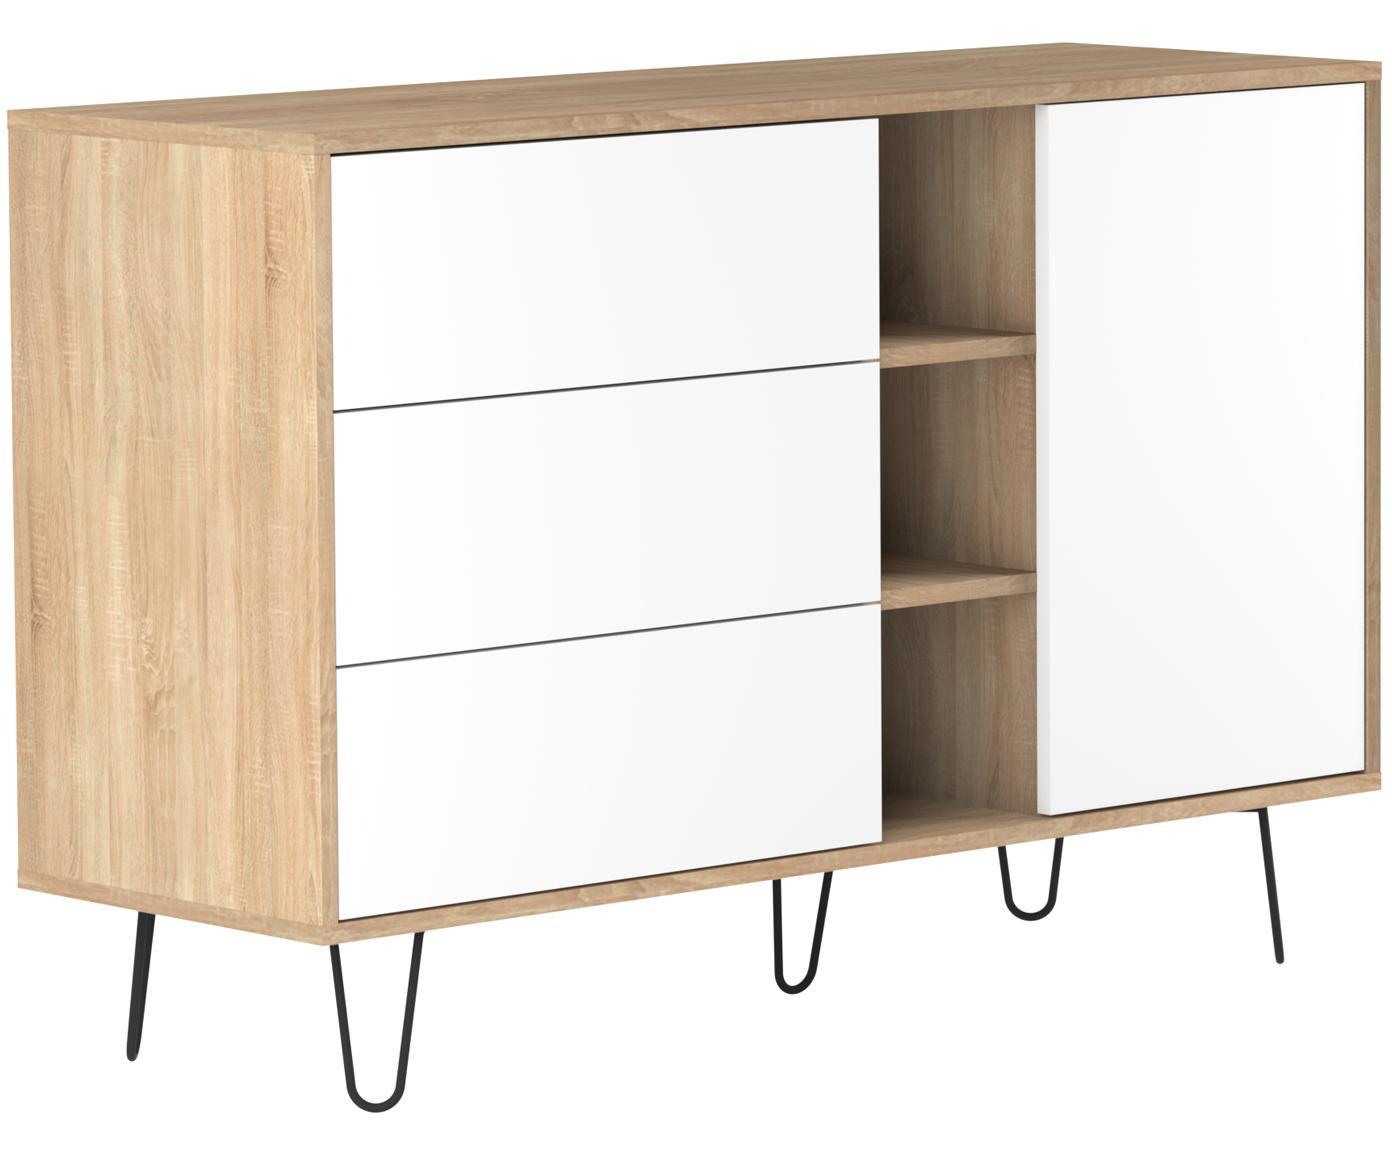 Aparador cajonera de diseño Aero, Estructura: aglomerado, recubierto de, Patas: metal, pintado, Roble, blanco, An 120 x Al 80 cm